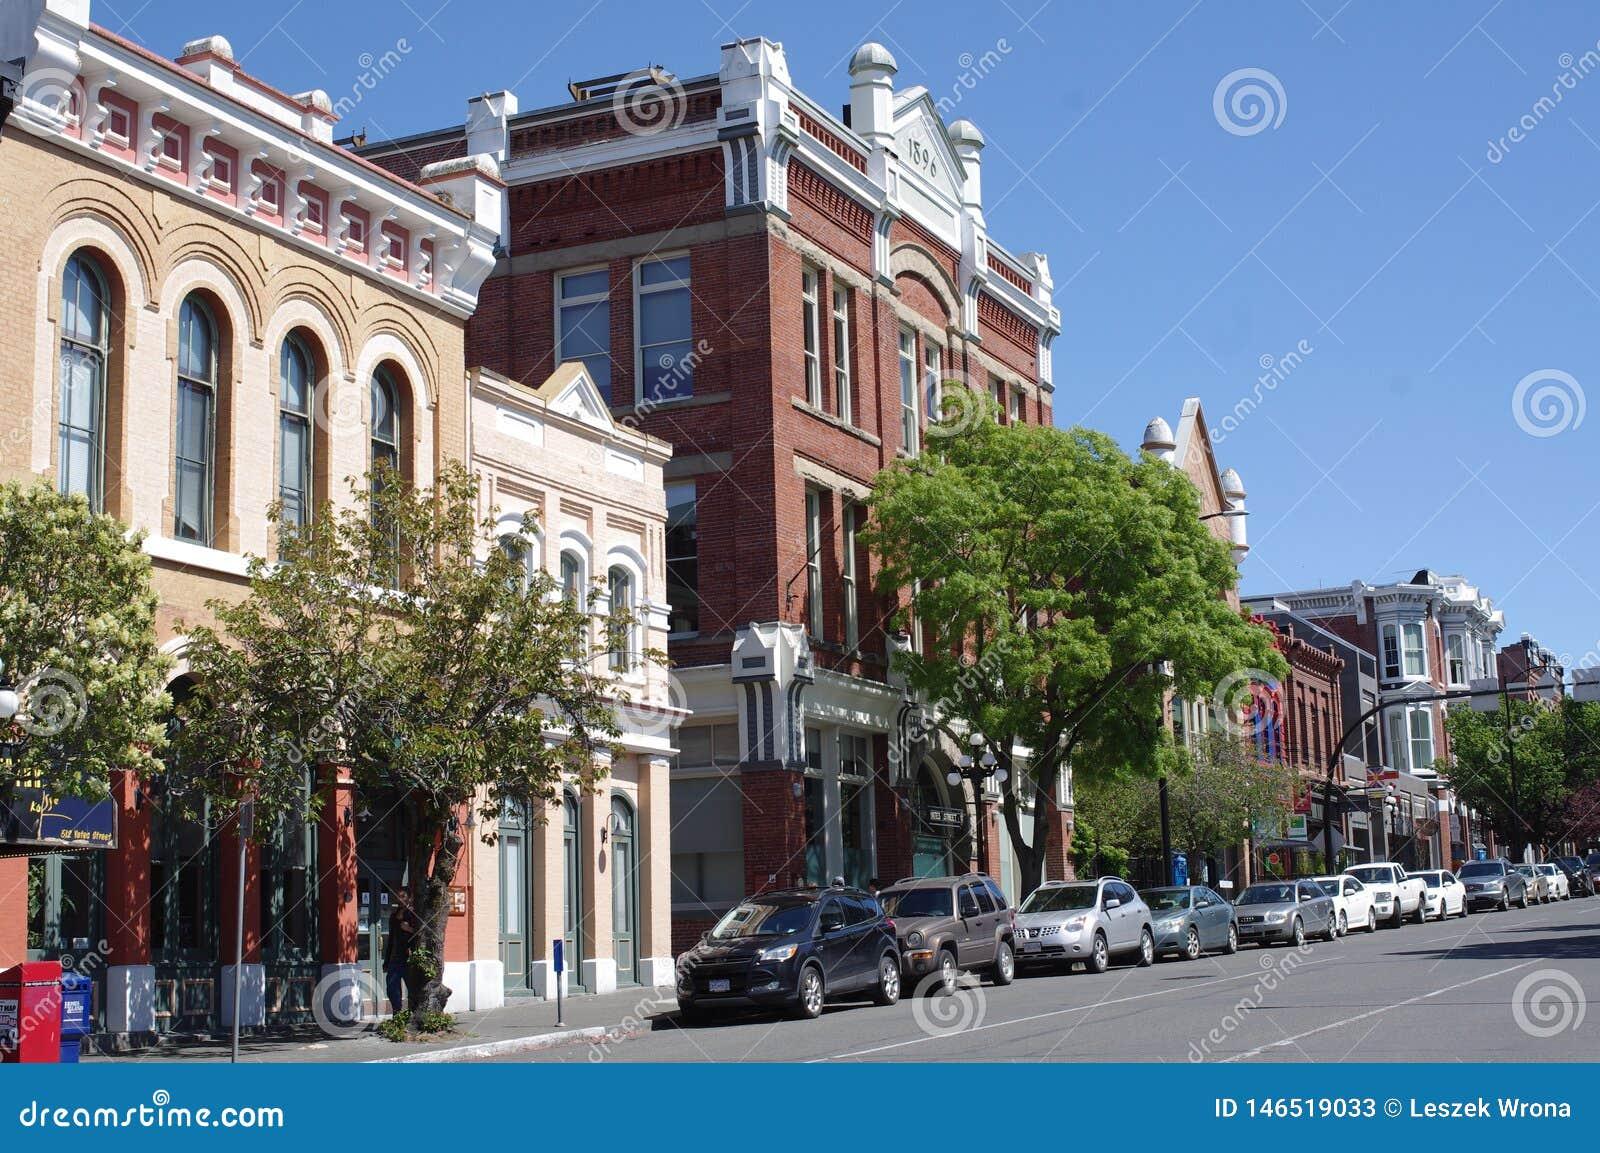 Edificios hist?ricos en Victoria c?ntrica, Canad?